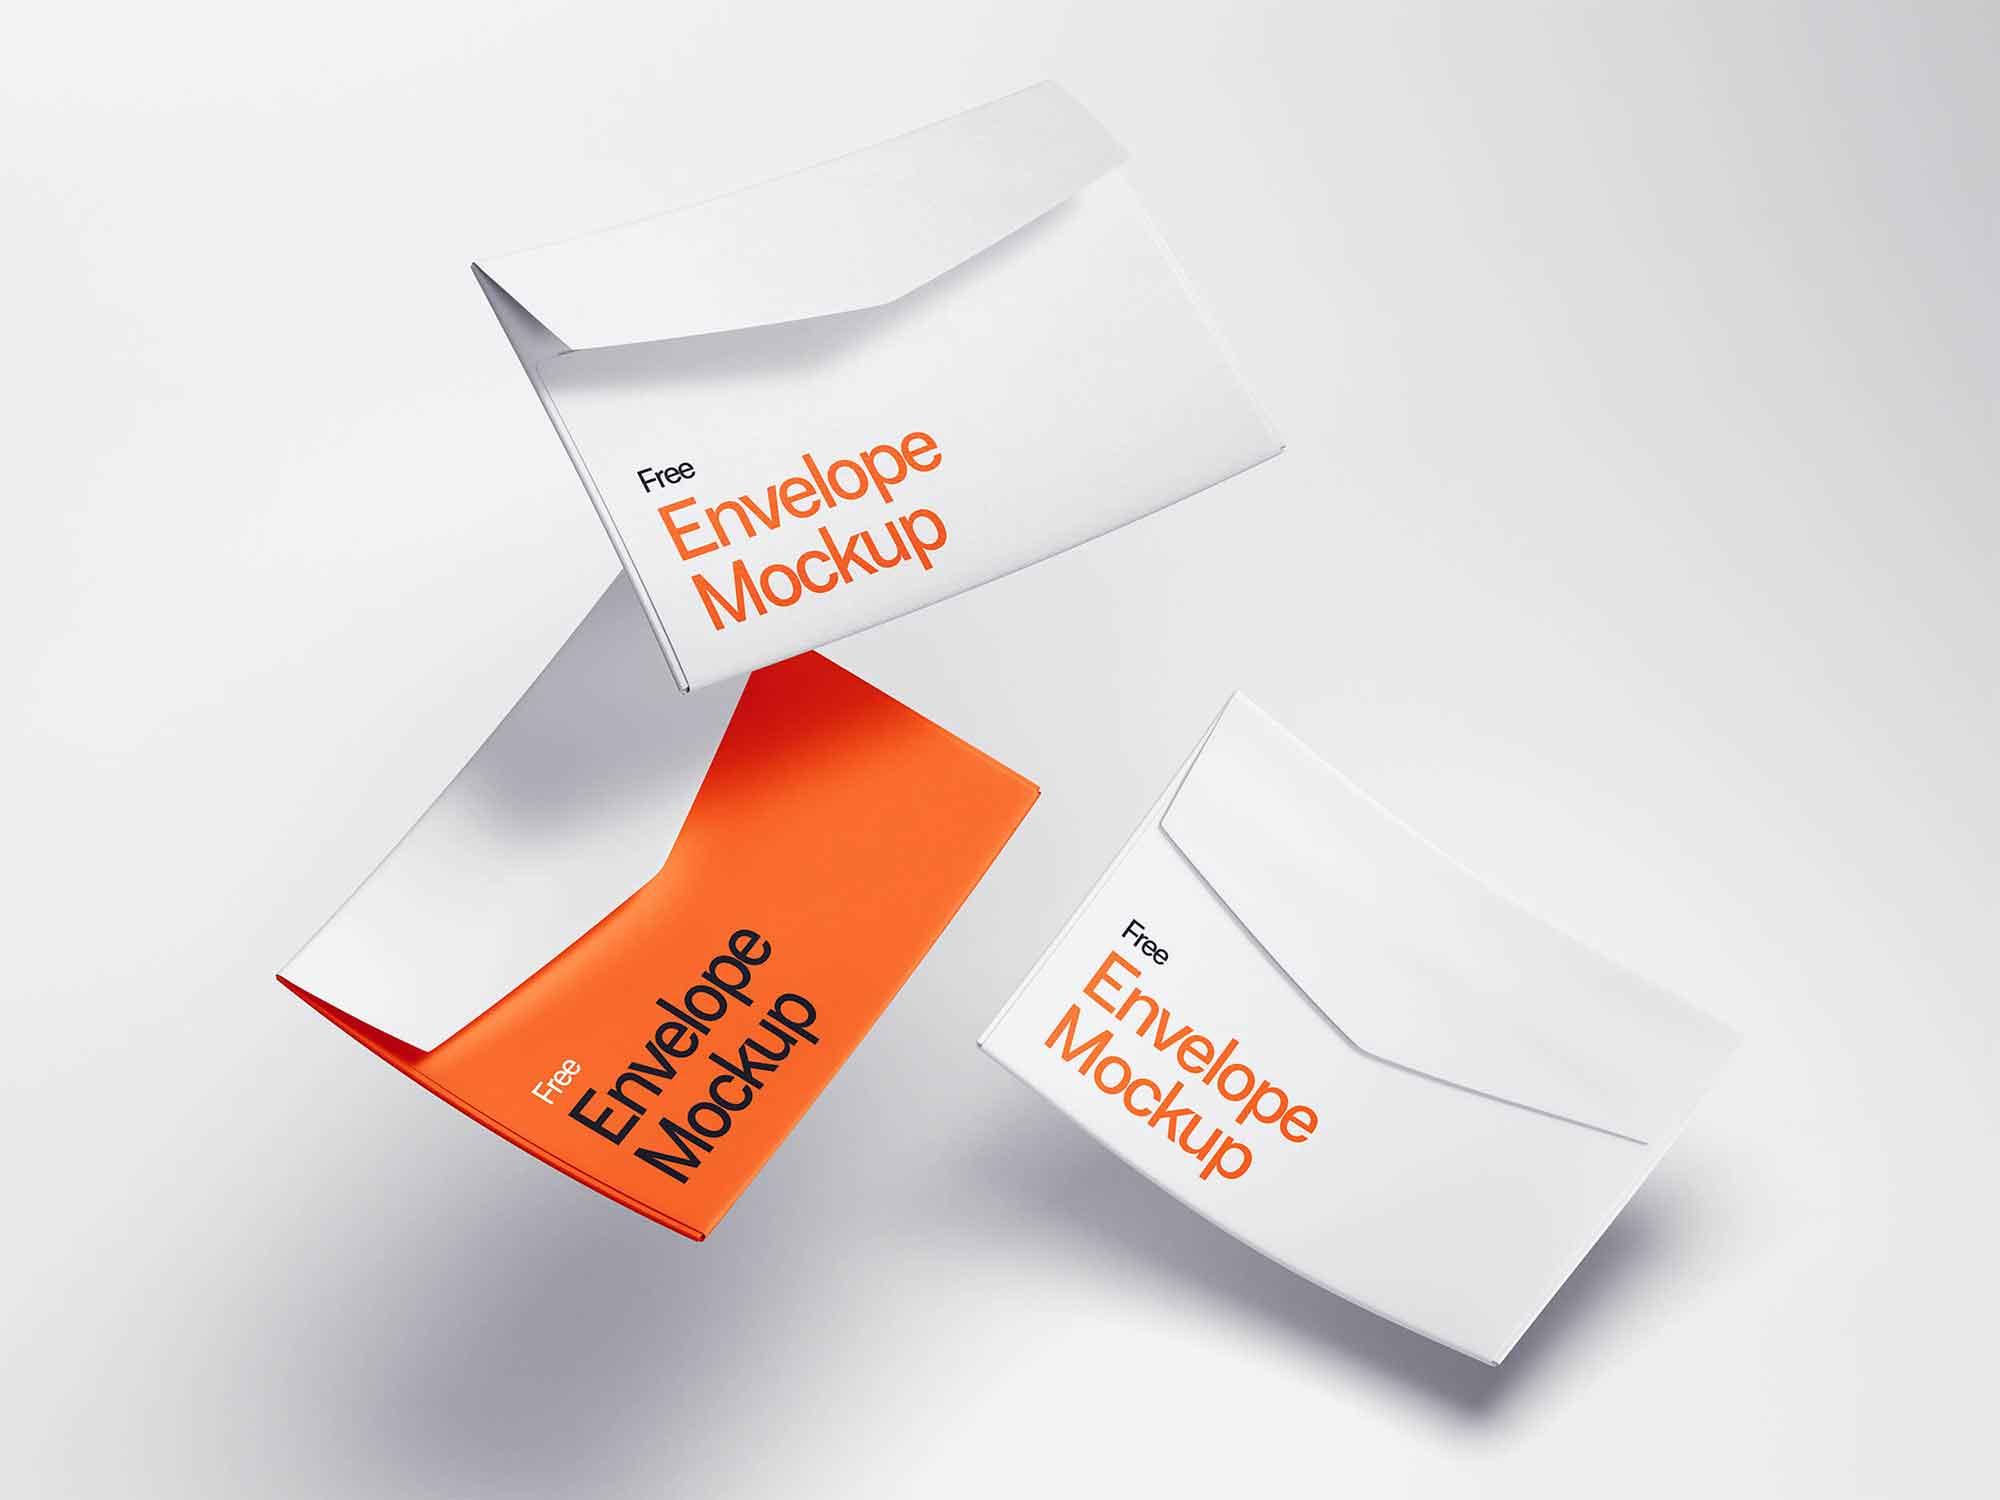 Levitating Envelope Mockups